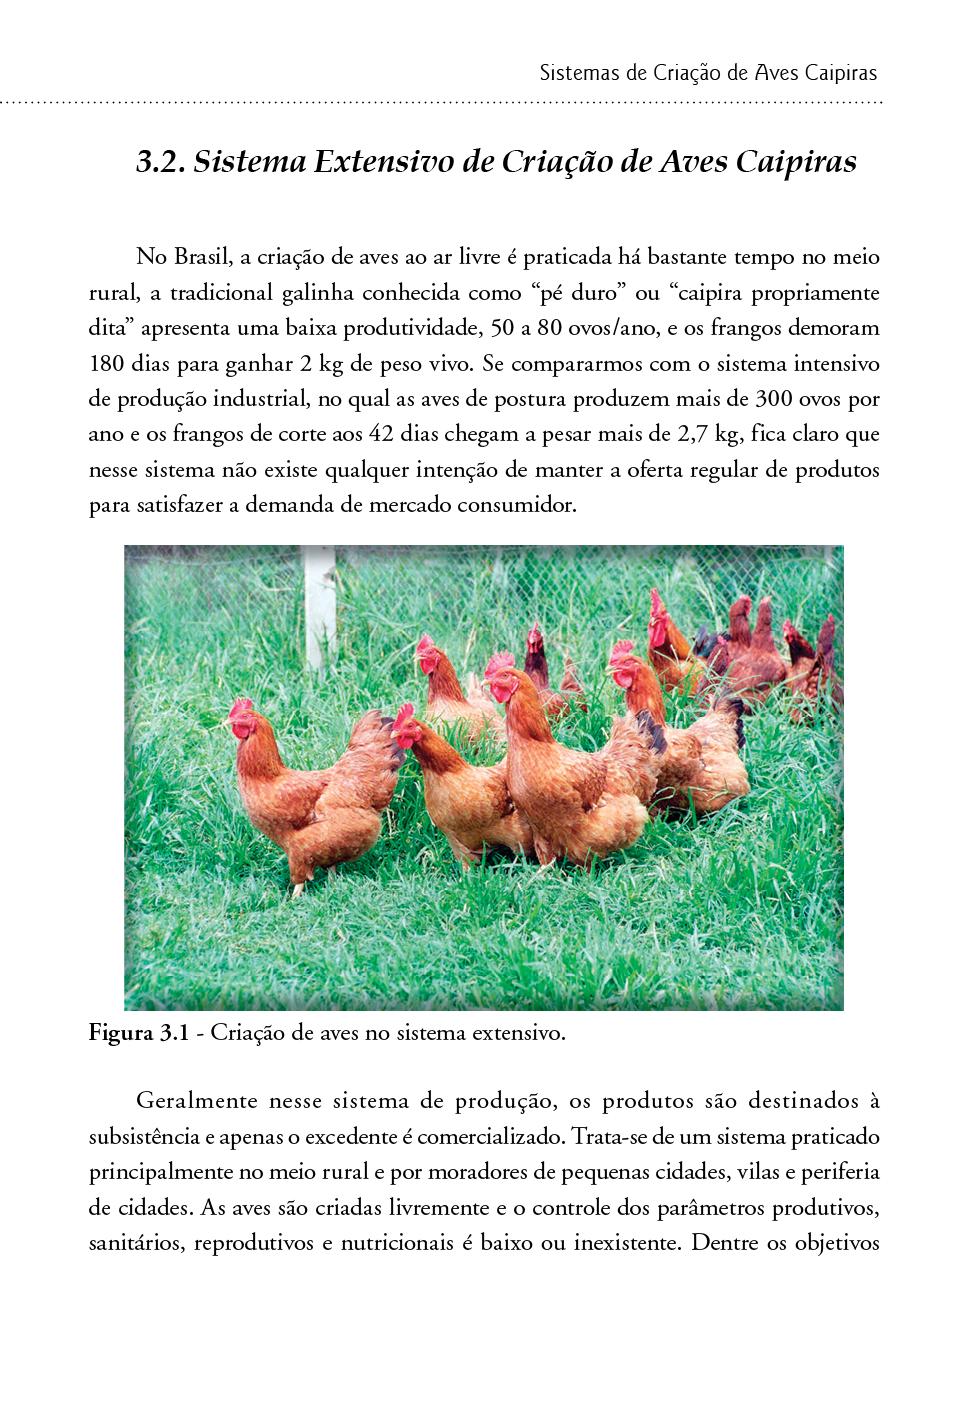 Criação de Frango e Galinha Caipira: sistema alternativo de criação de aves